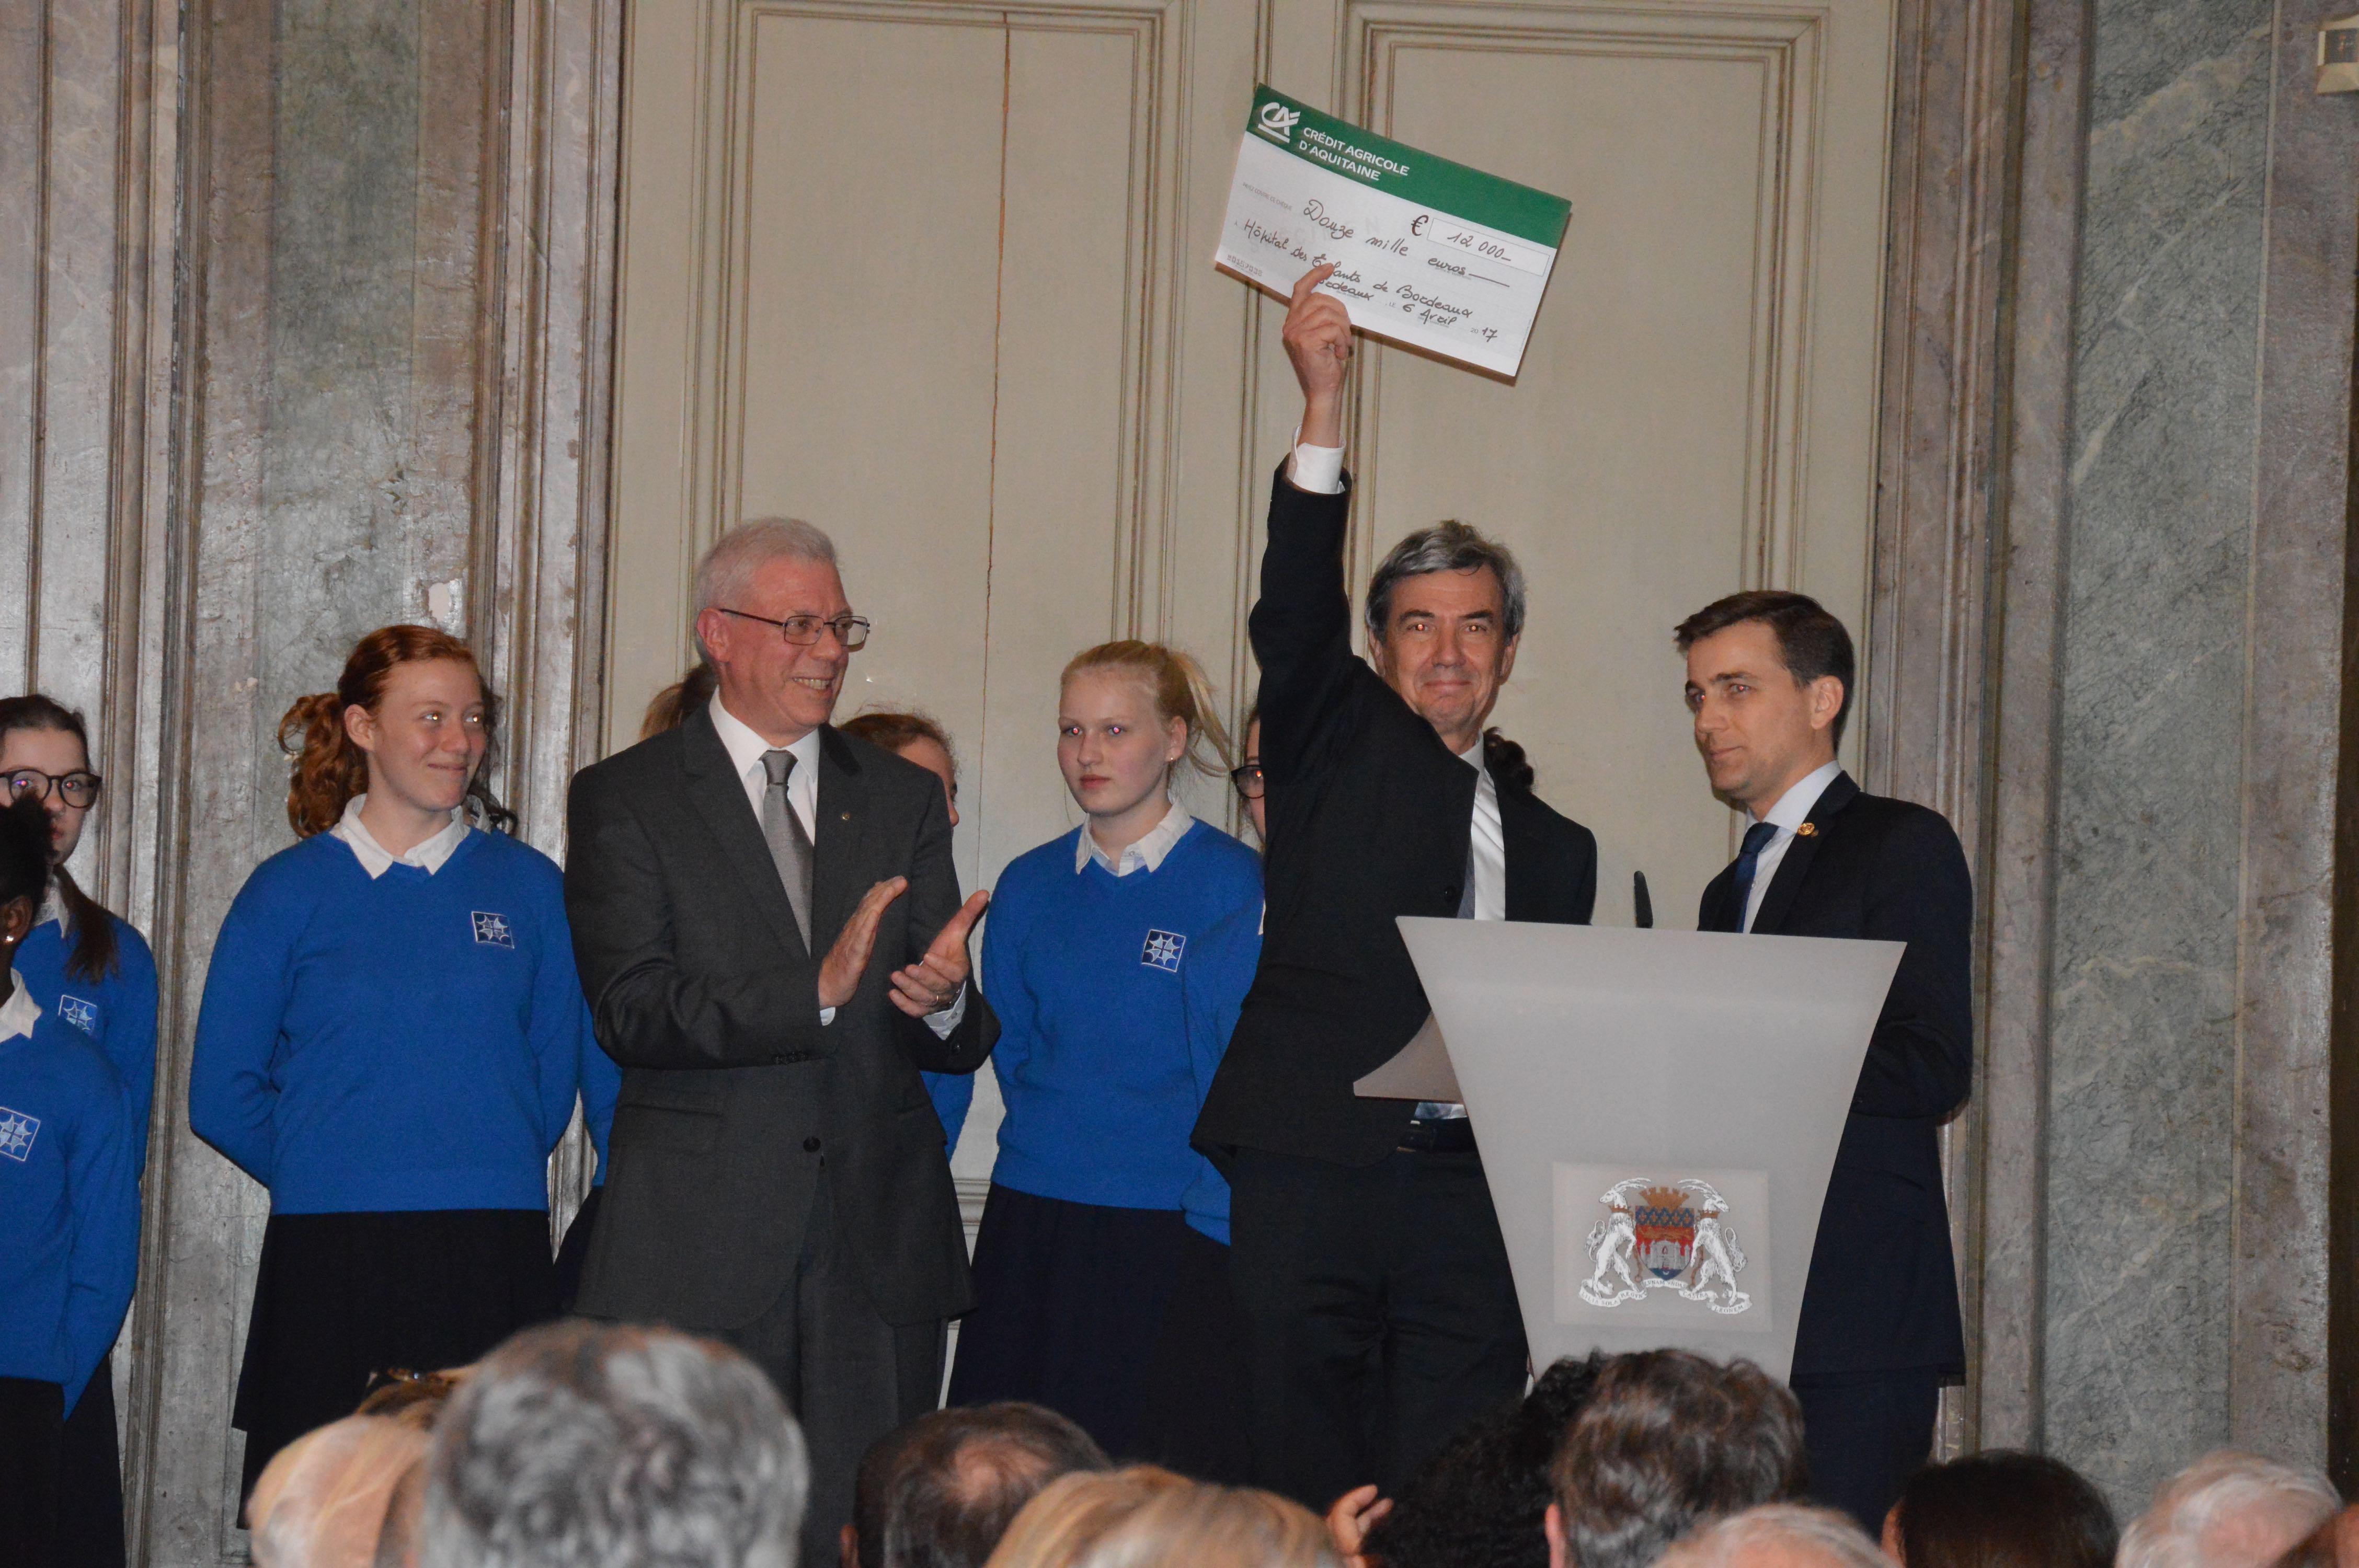 Photo, remise de chèque, Prof Yves PEREL, Xavier HEYMANS, président du Rotary Club Bordeaux, René DAUMANN, anniversaire 90 ans Rotary Club Bordeaux